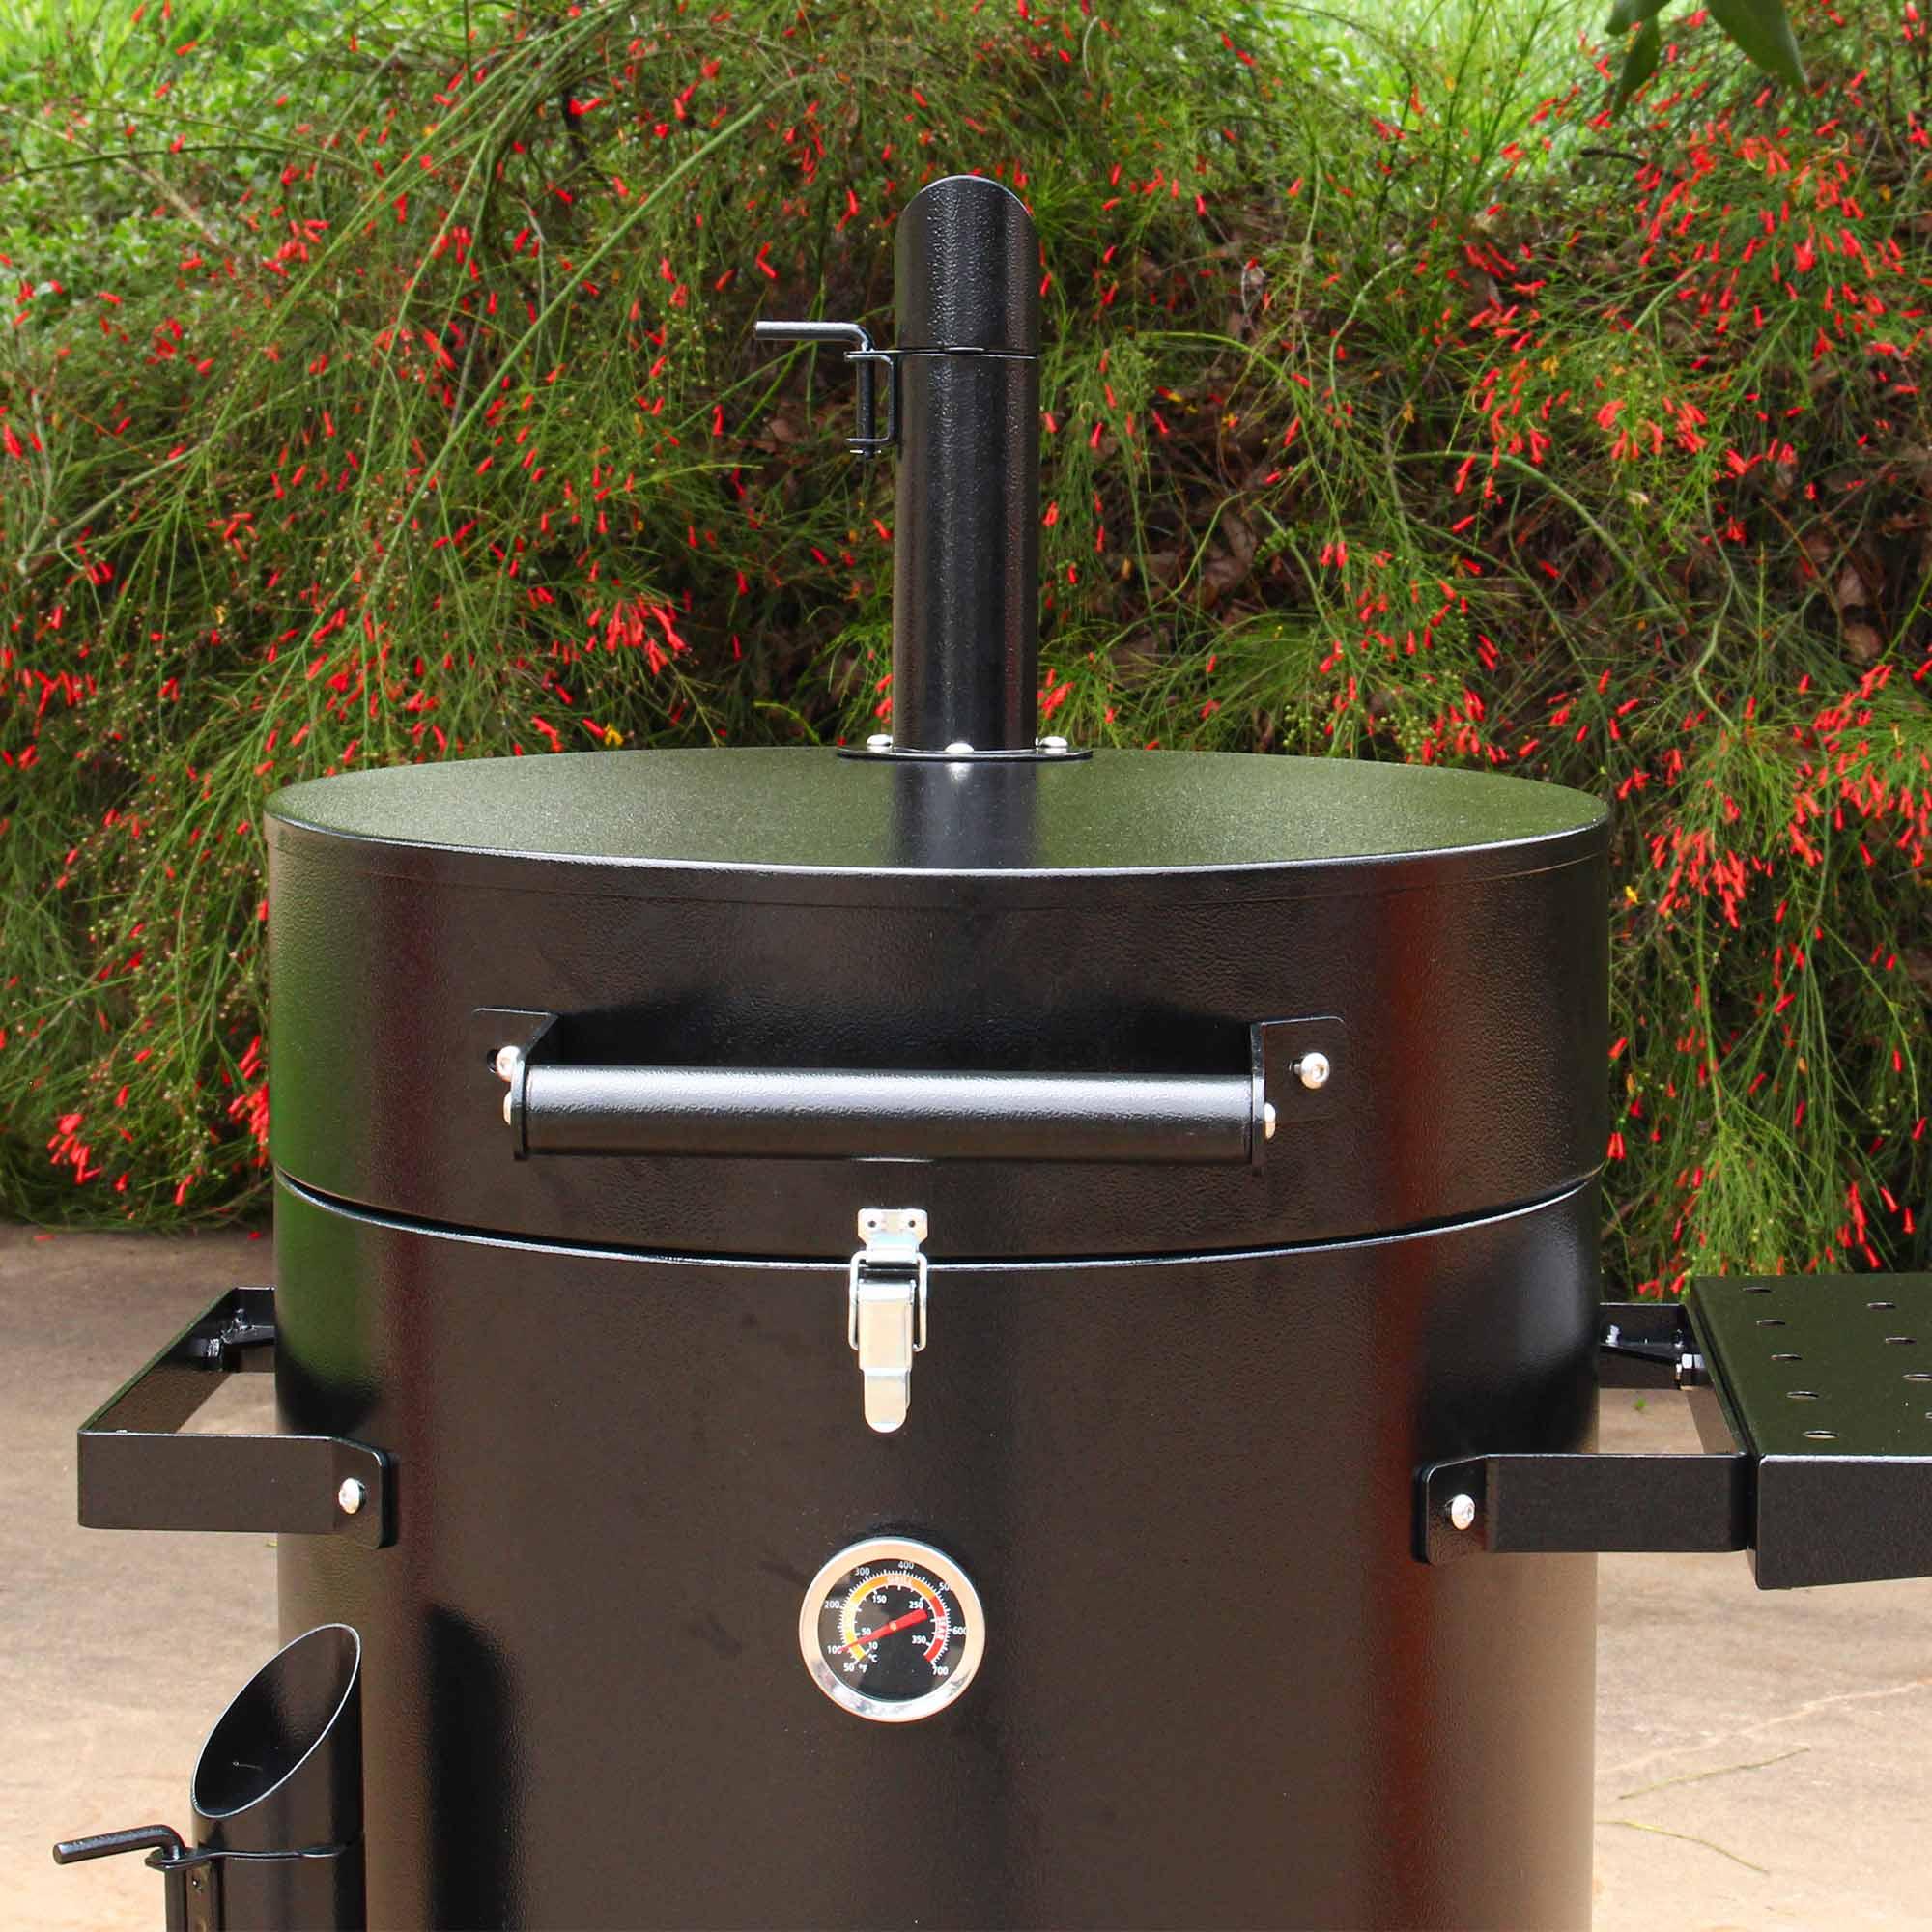 Grillex Drum Smoker Preto/Preto